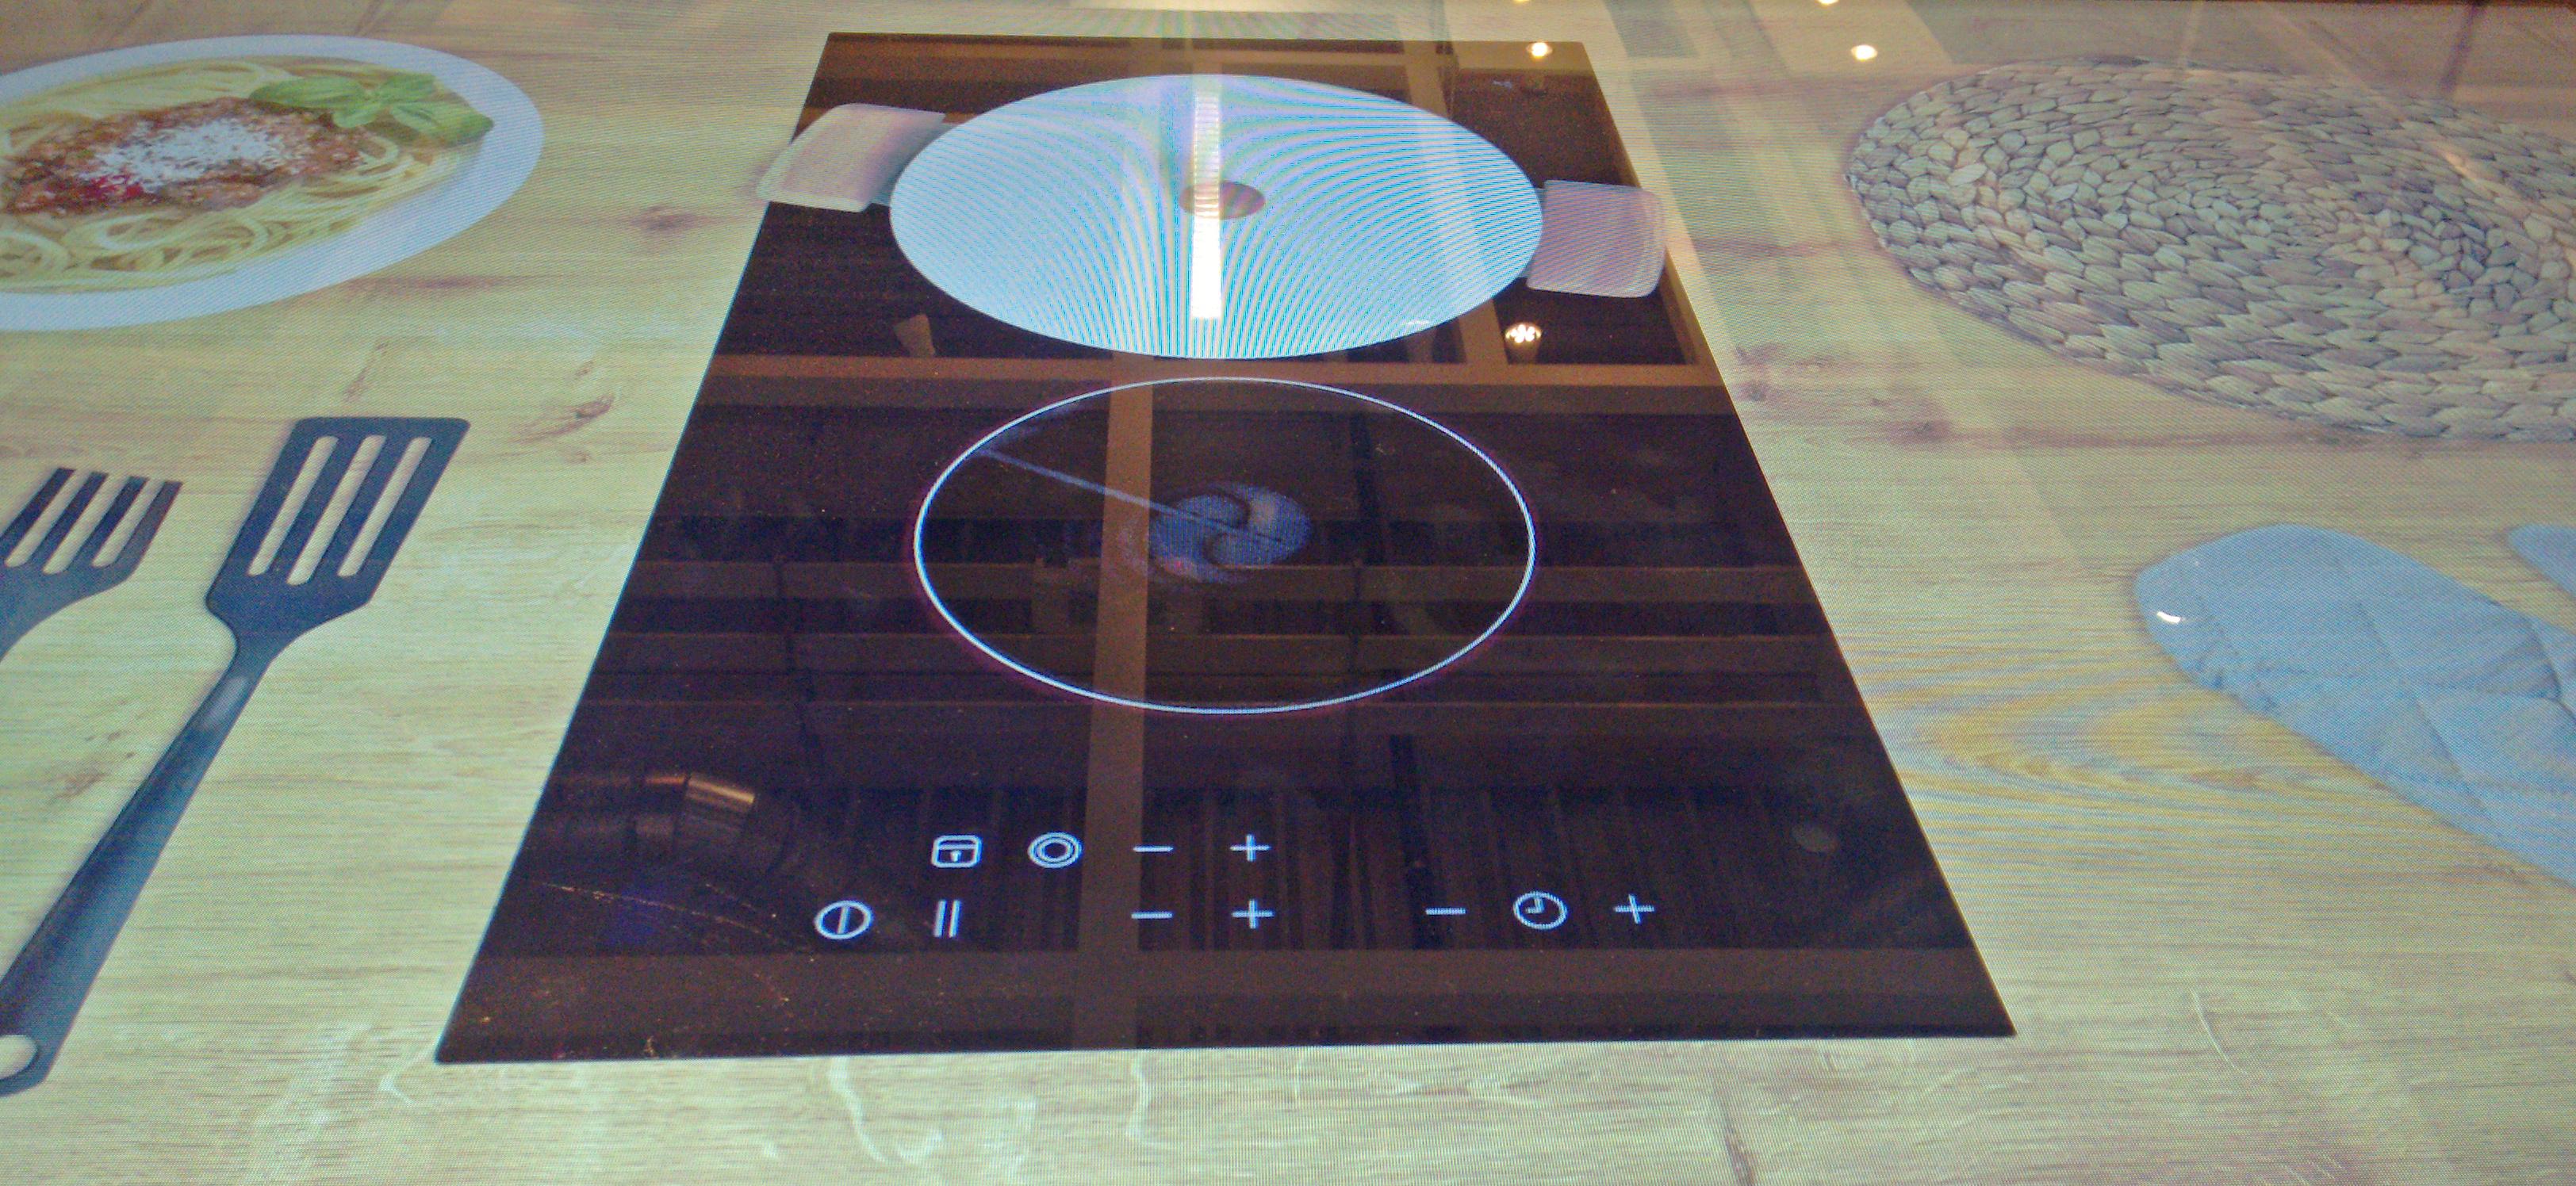 Ikea Alcorcón pantalla